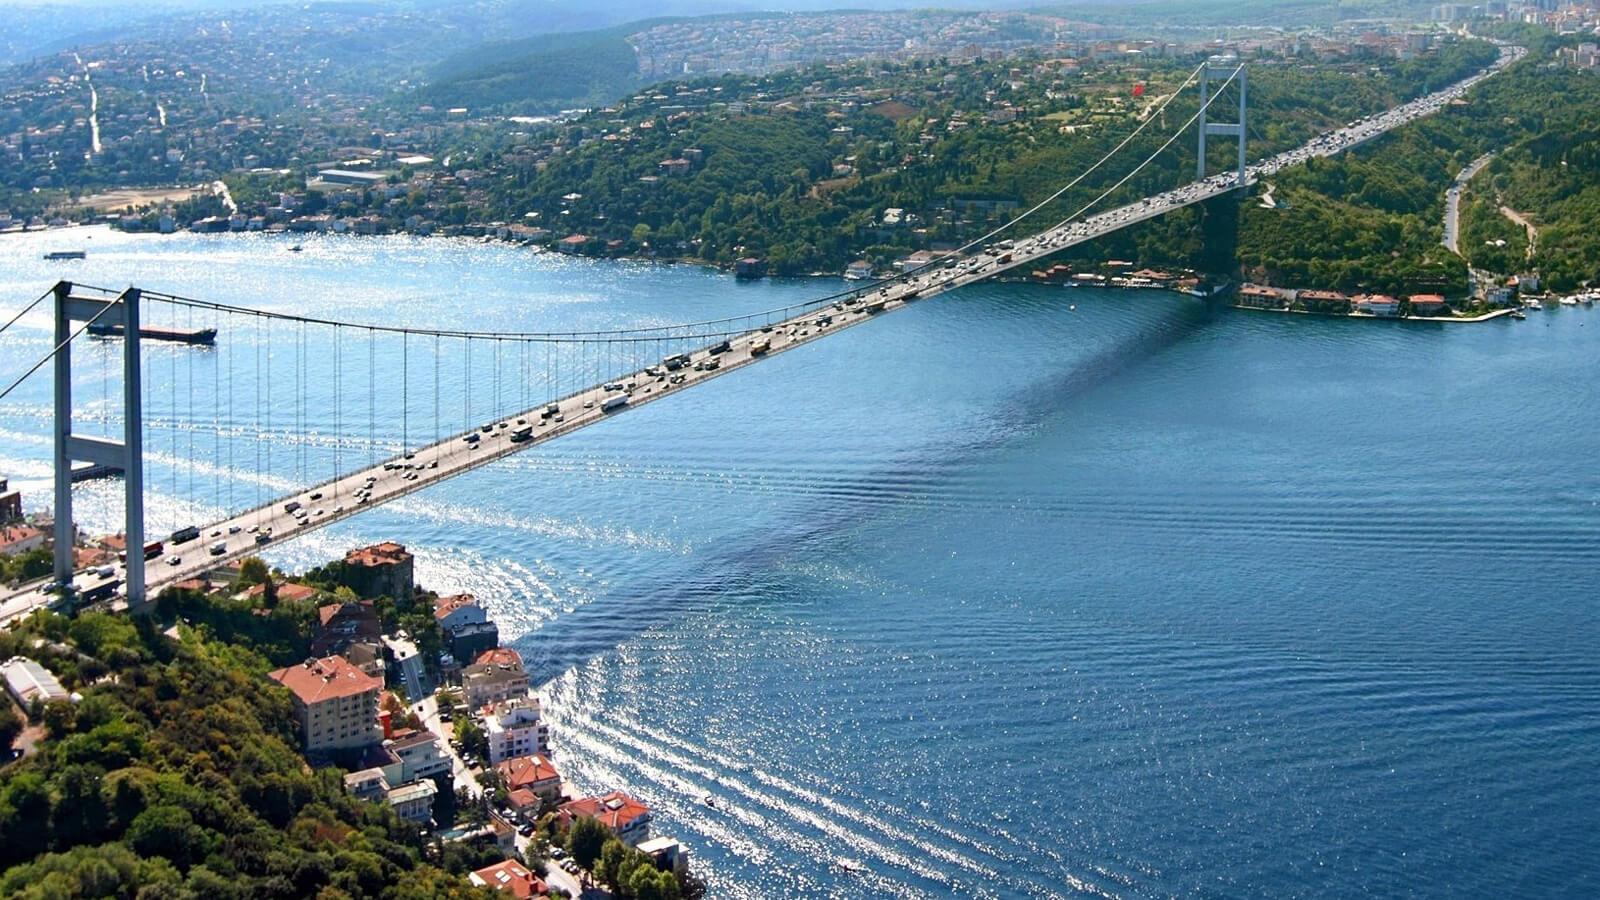 Движение кораблей через Босфор было остановлено из-за аварии танкера